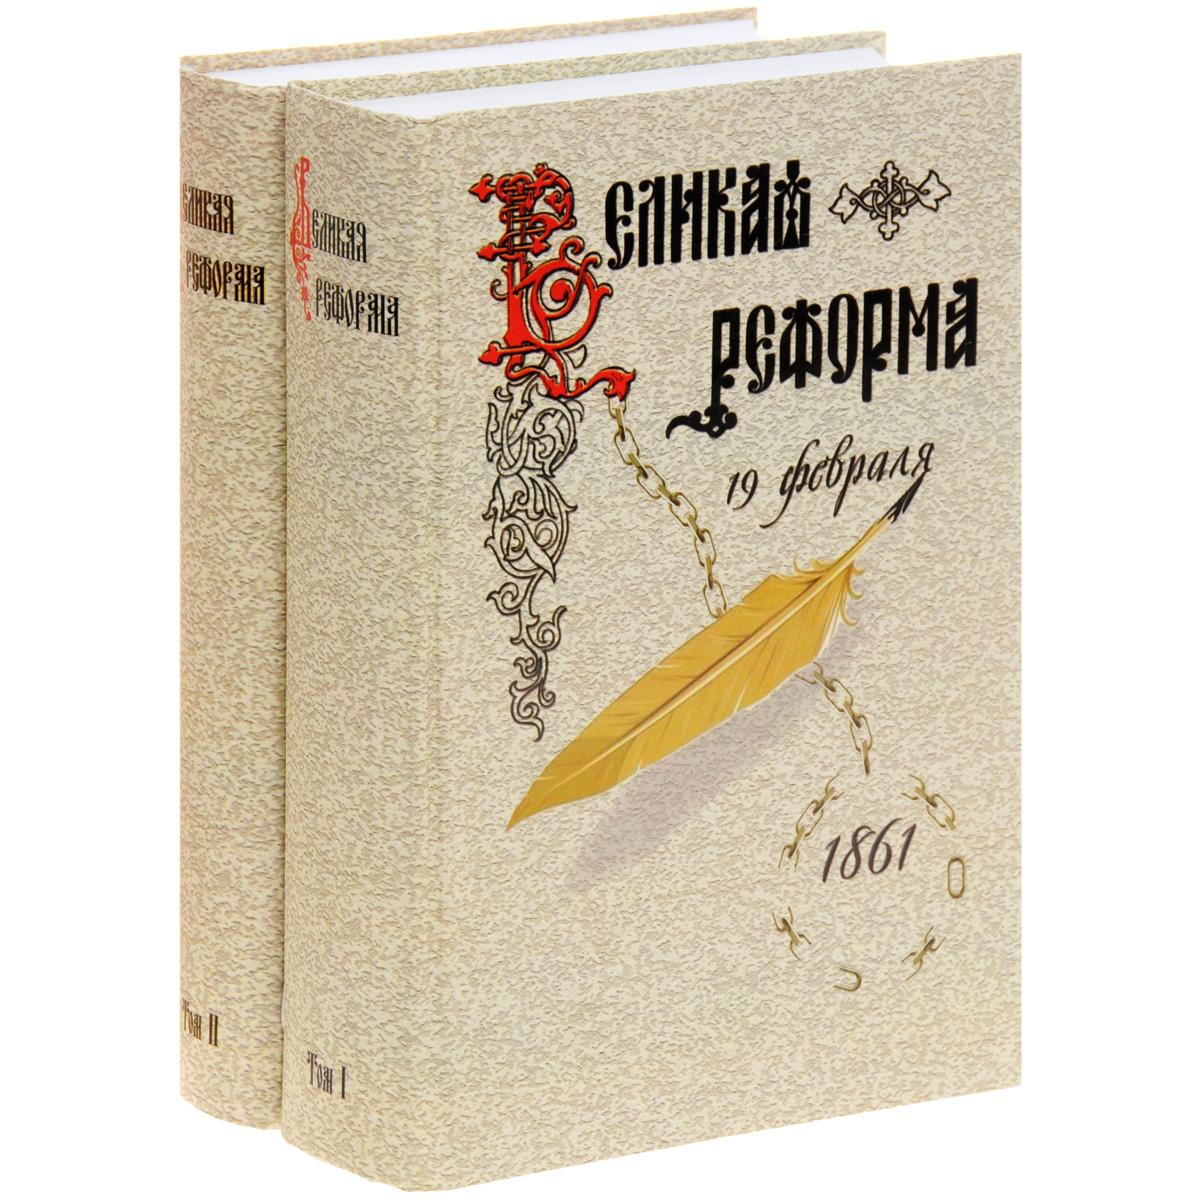 Великая реформа. Русское общество и крестьянский вопрос в прошлом и настоящем. В 2 книгах (комплект из 2 книг)